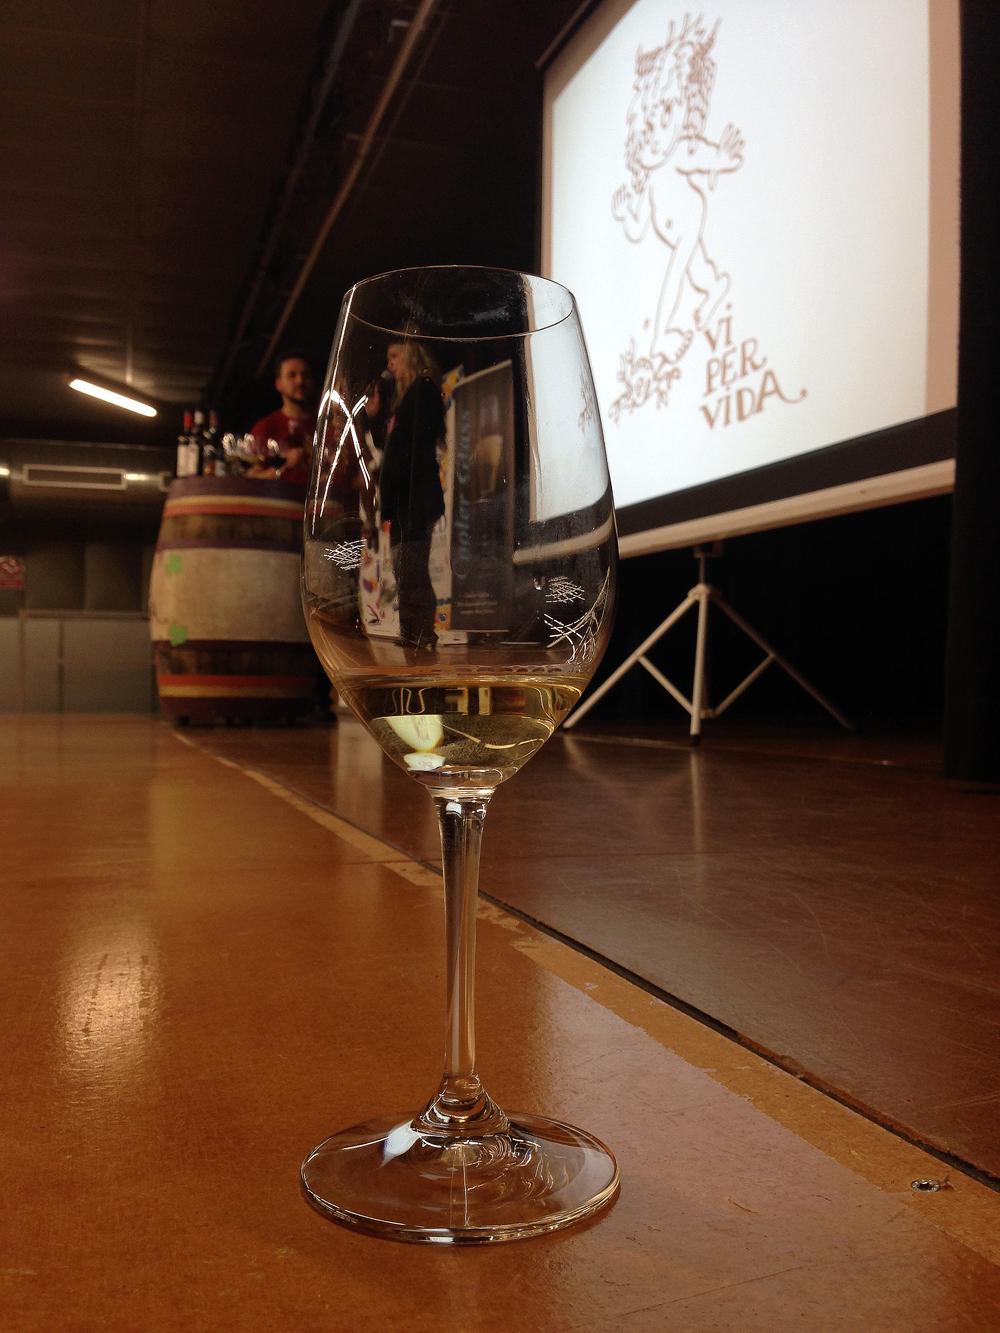 'Vi per vida', tast solidari de vins per ajudar en la investigació contra la metàstasi. Foto: carlespascual.cat